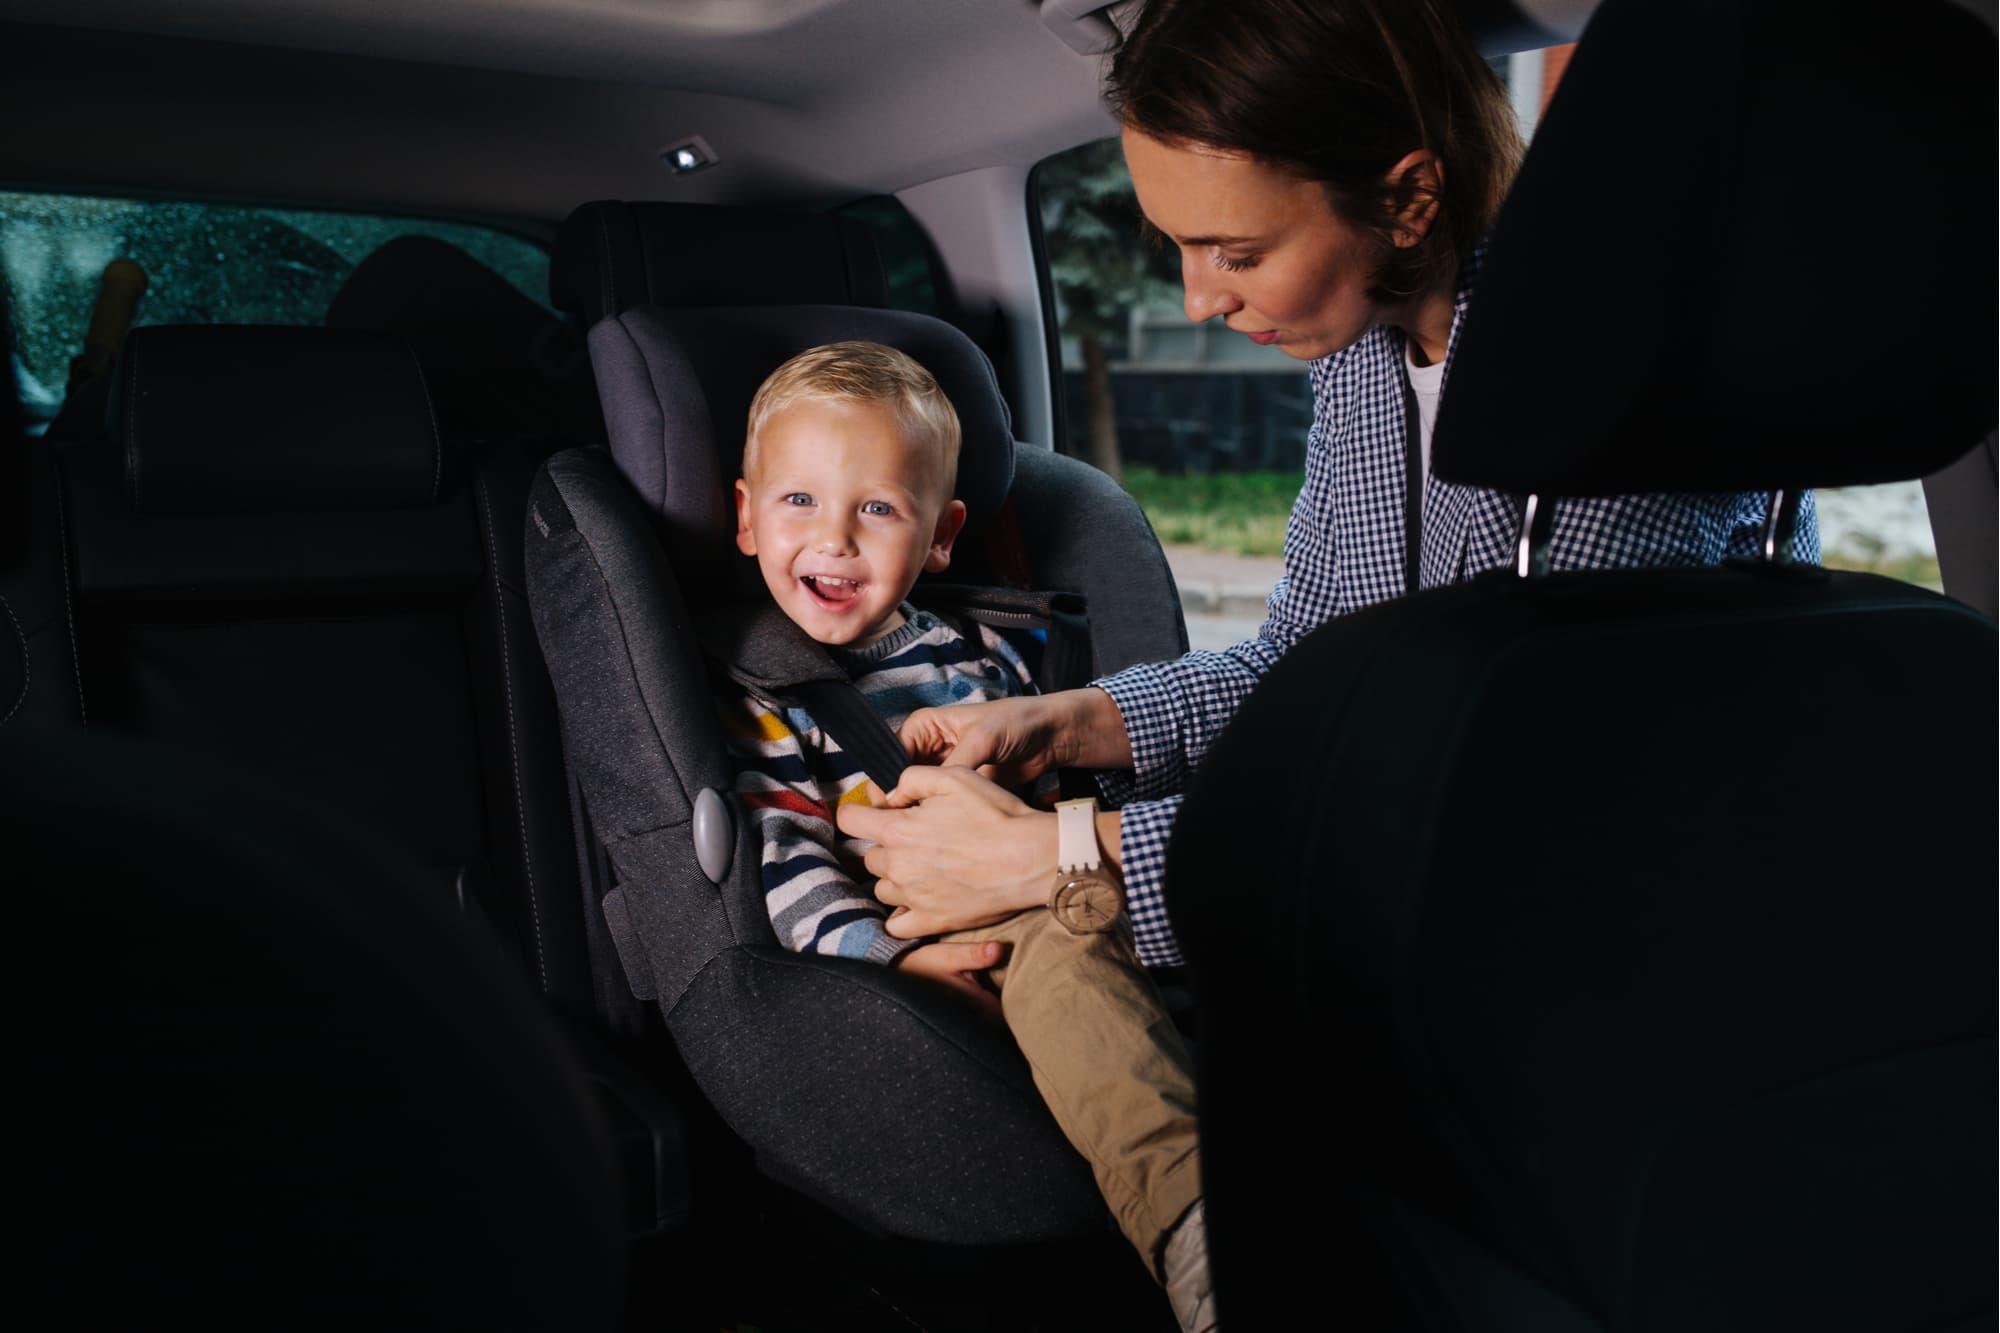 criança em cadeirinha de elevação no carro